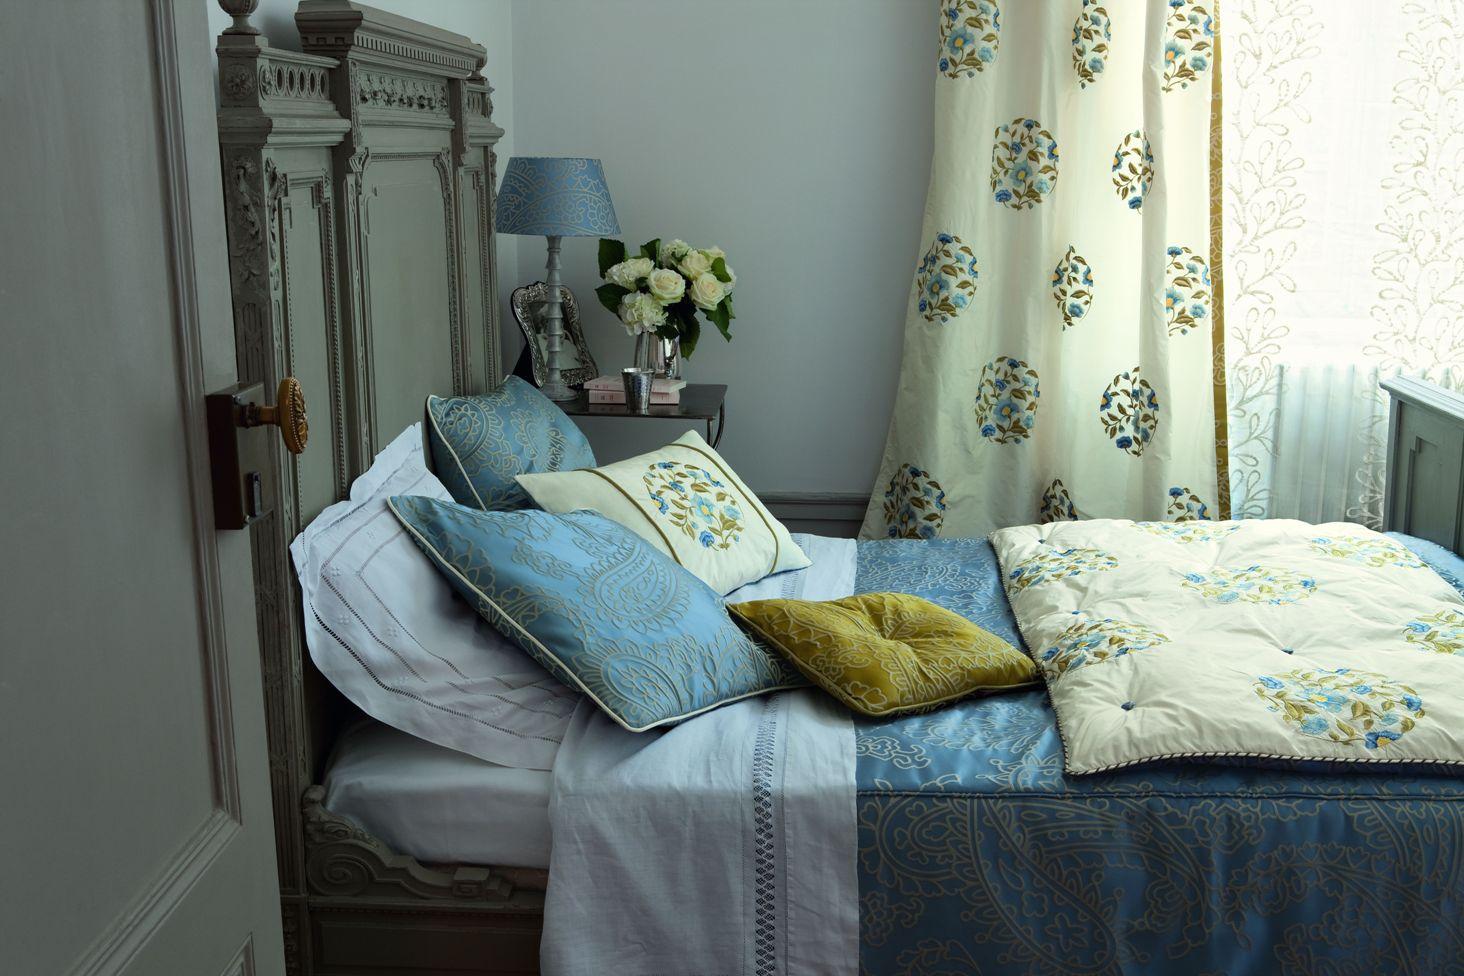 ratgeber wohnen und dekorieren: farben wirken - der passende, Wohnzimmer dekoo